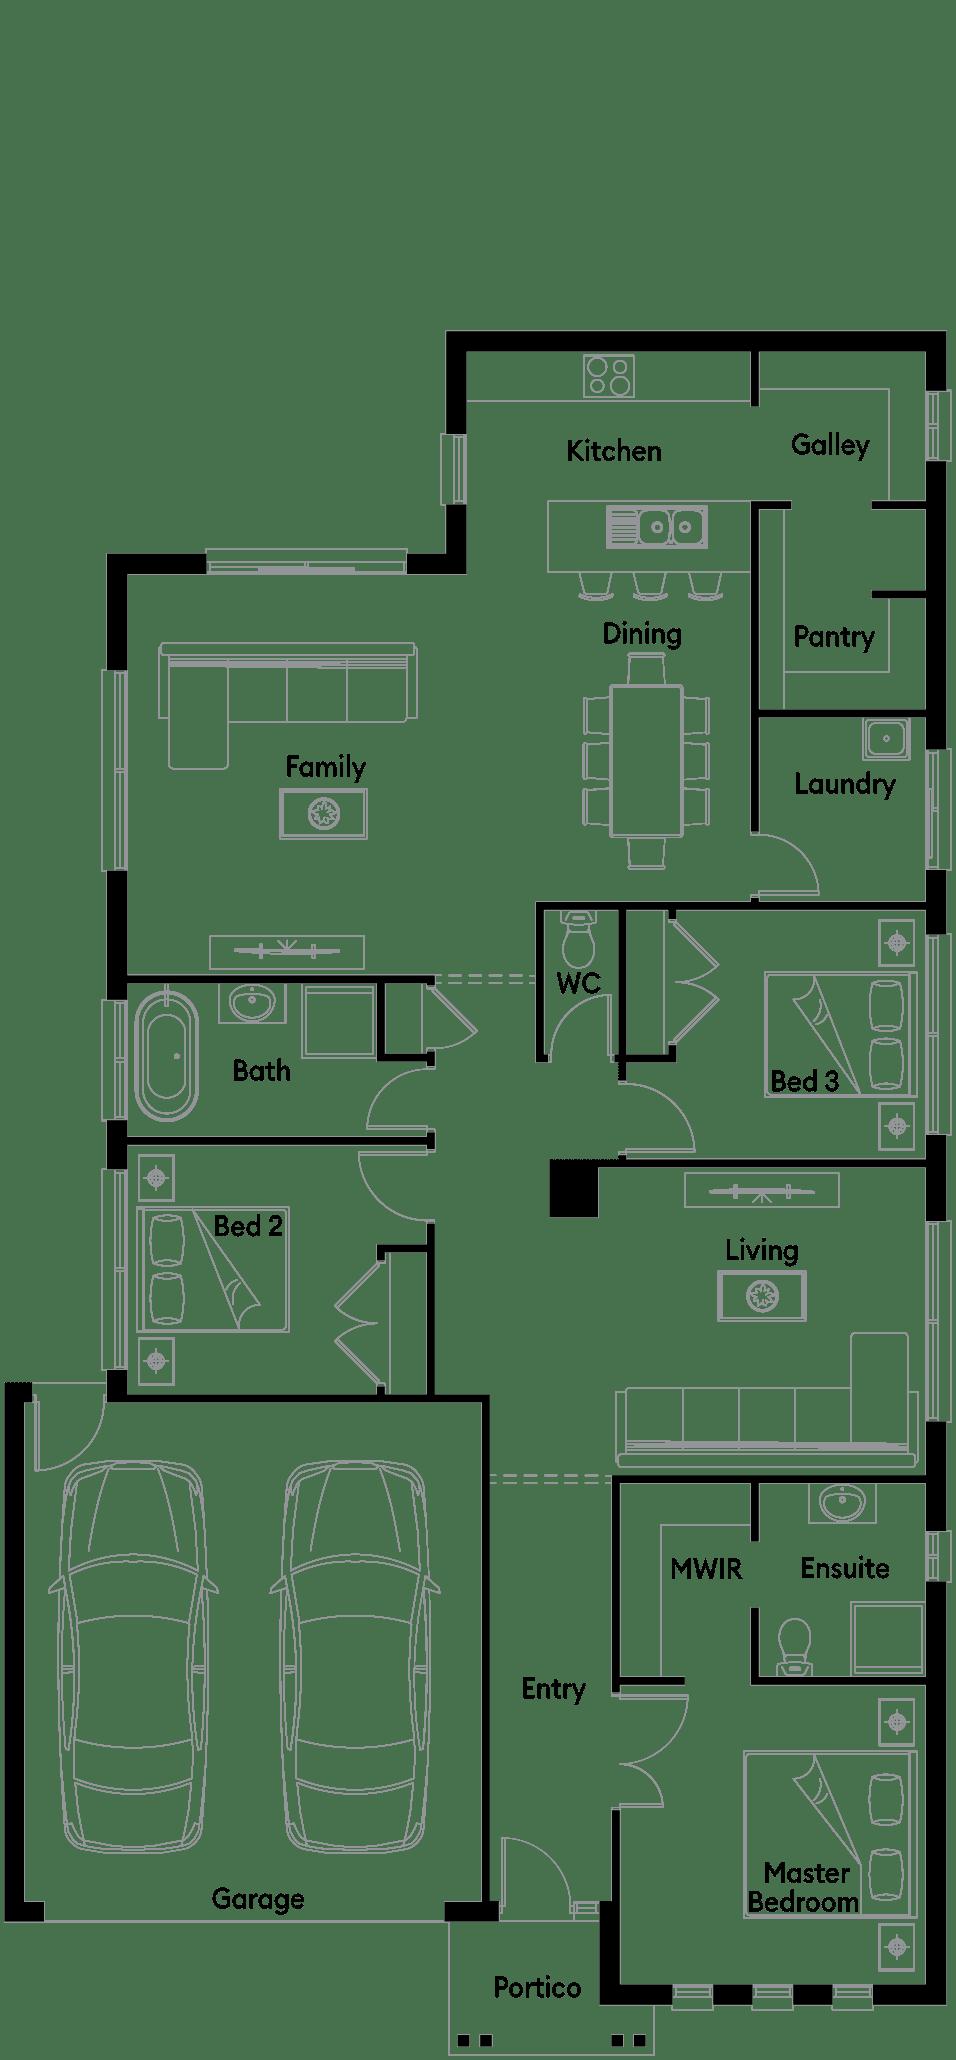 FloorPlan1_HOUSE763_Midland_21